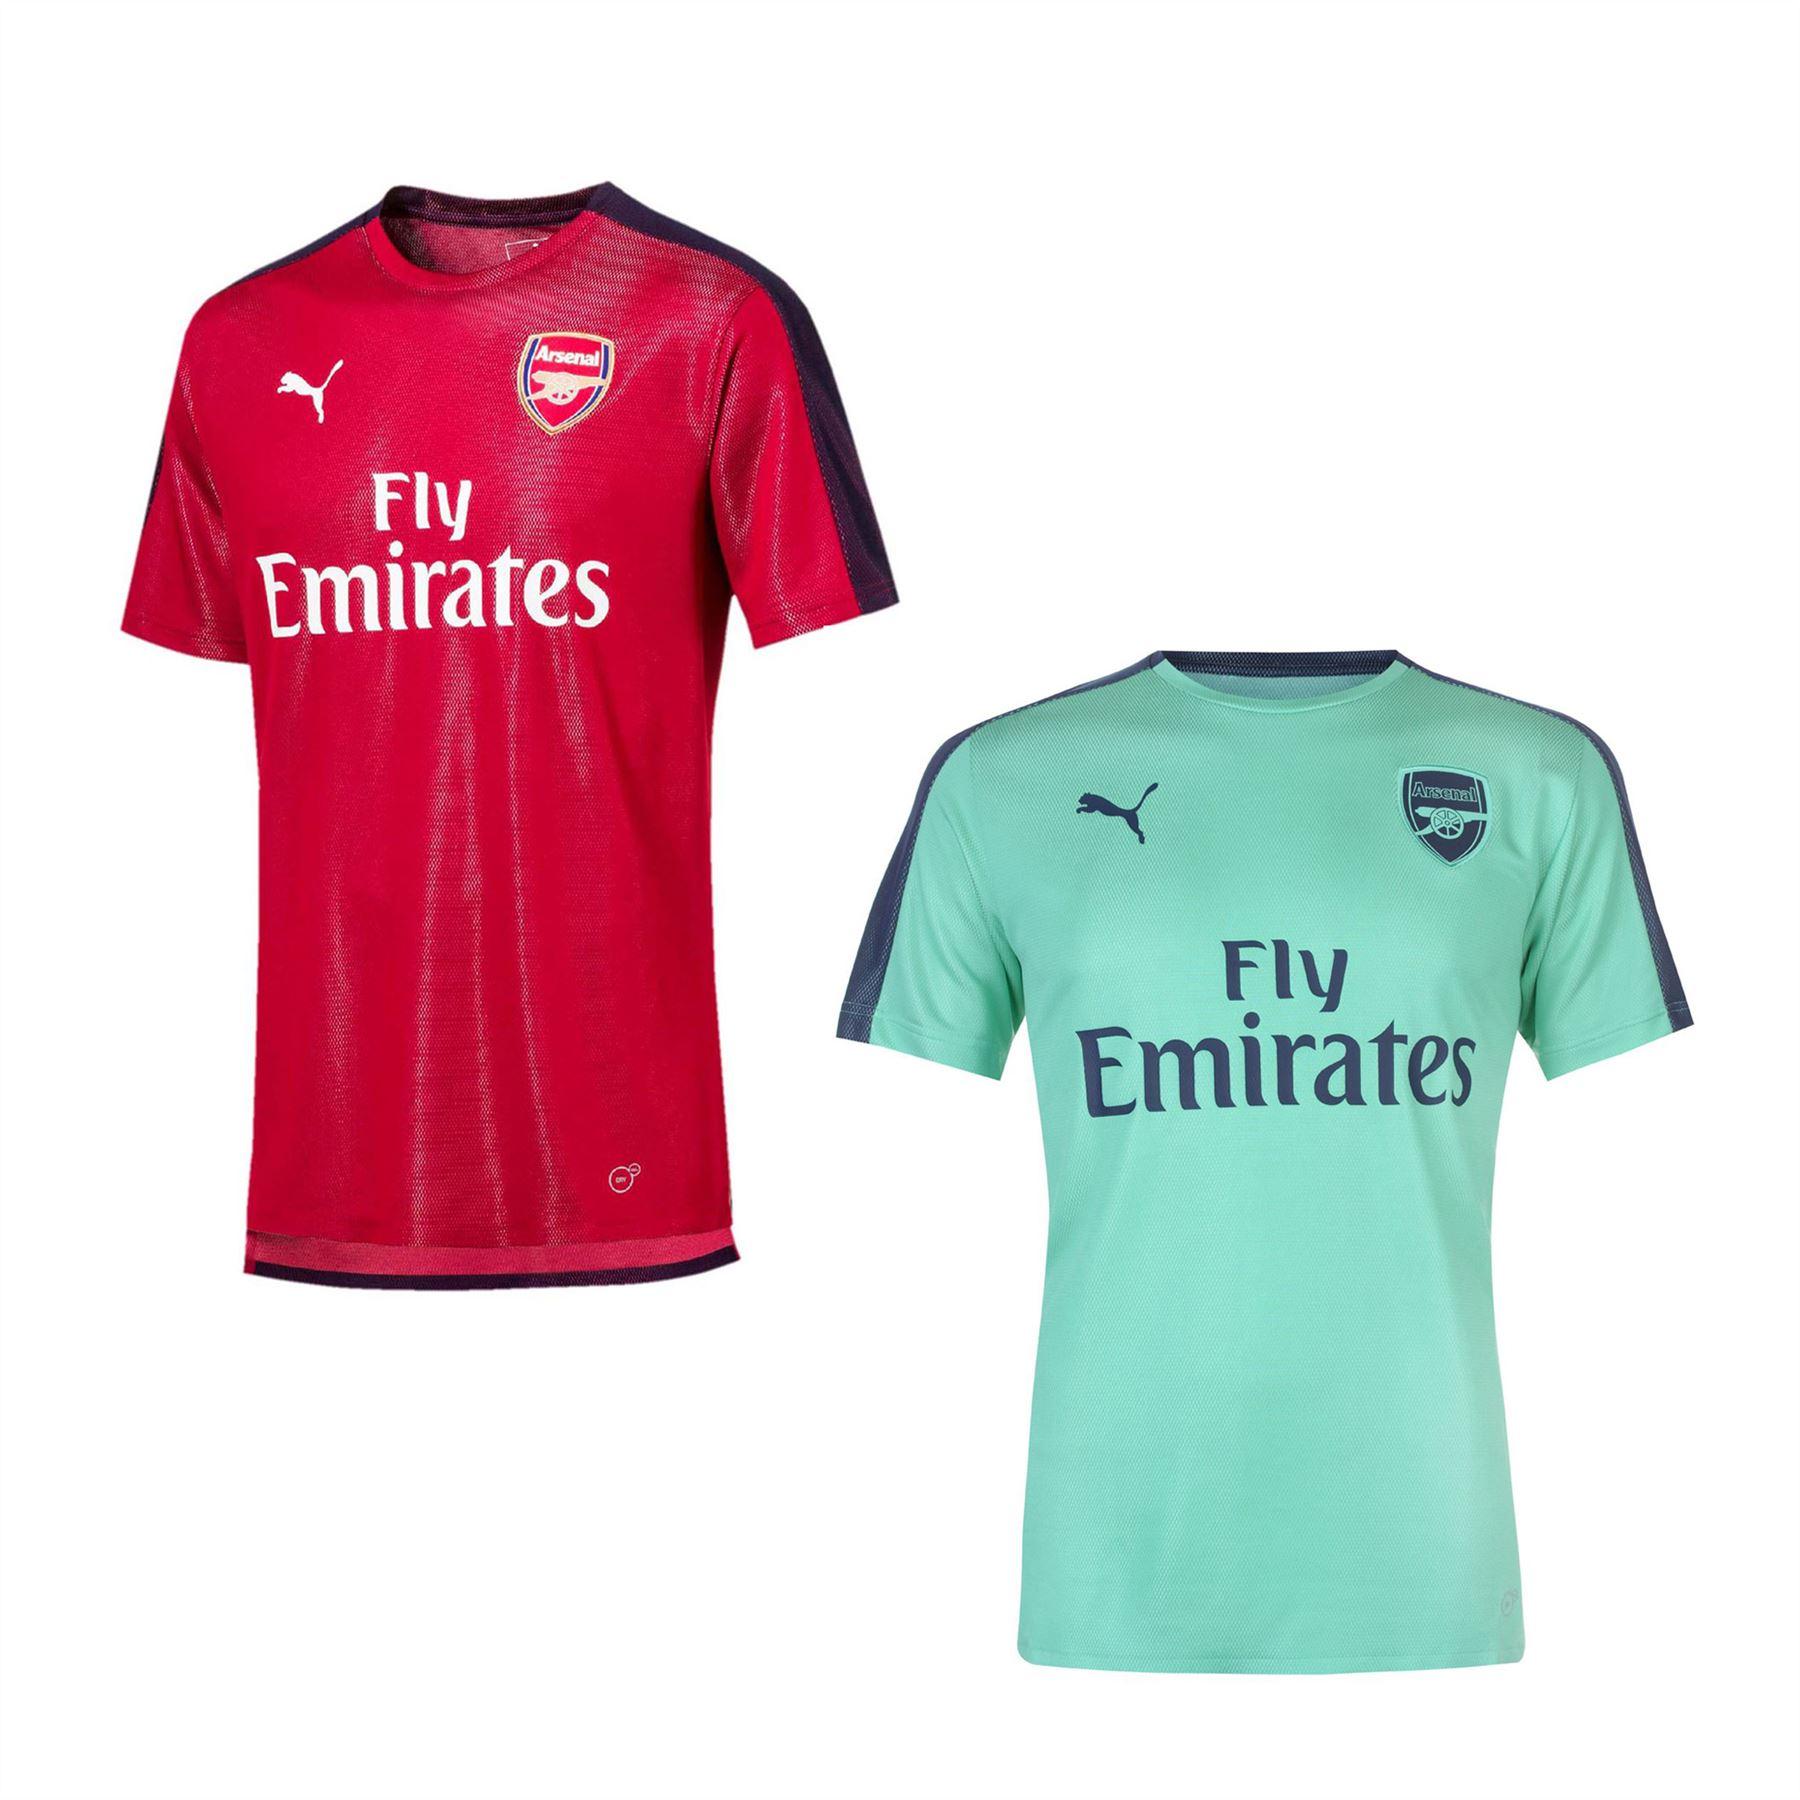 8e1eca7d2f3 Details about Puma Arsenal Stadium Jersey 2018 2019 Mens Football Soccer  Fan Shirt Top Tee